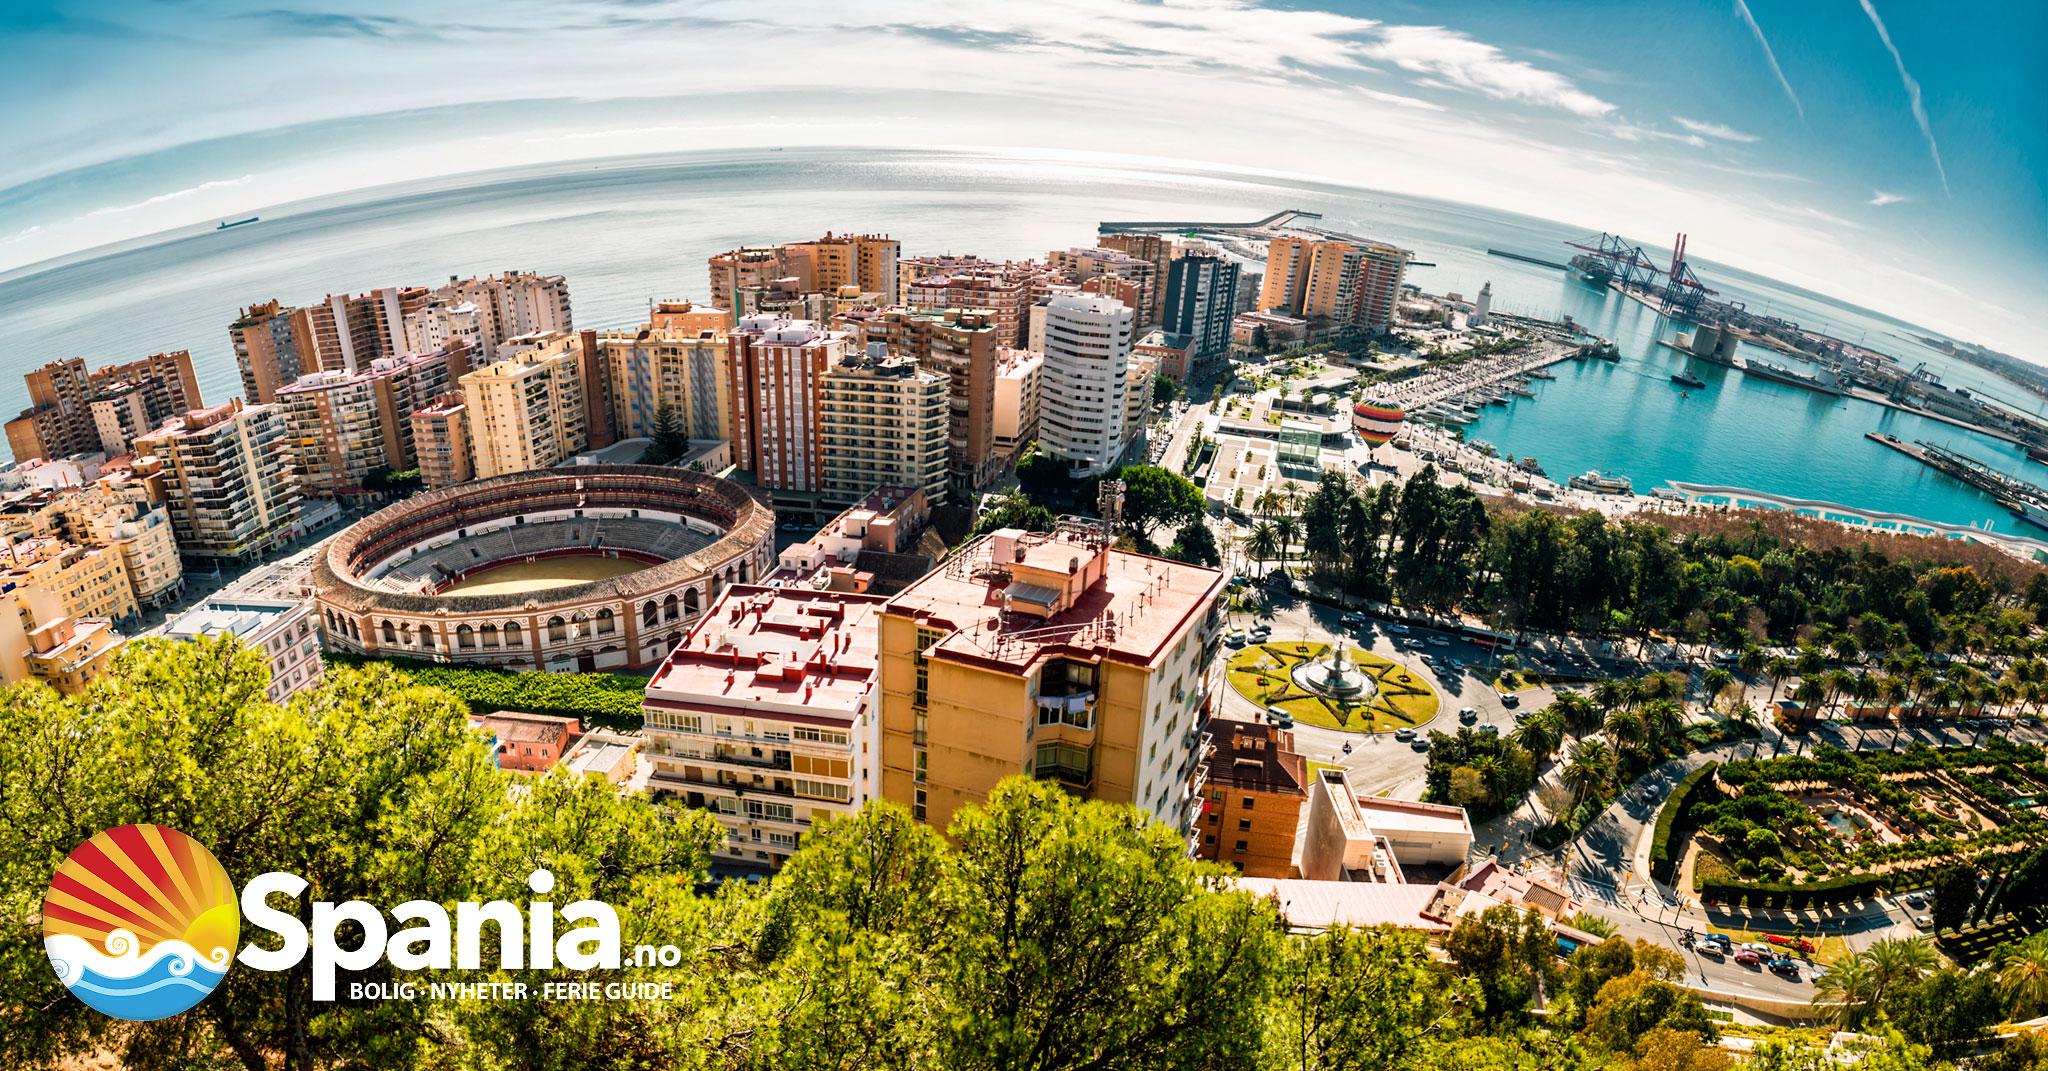 Málaga Og Costa Del Sol Severdigheter Historie Og Shopping